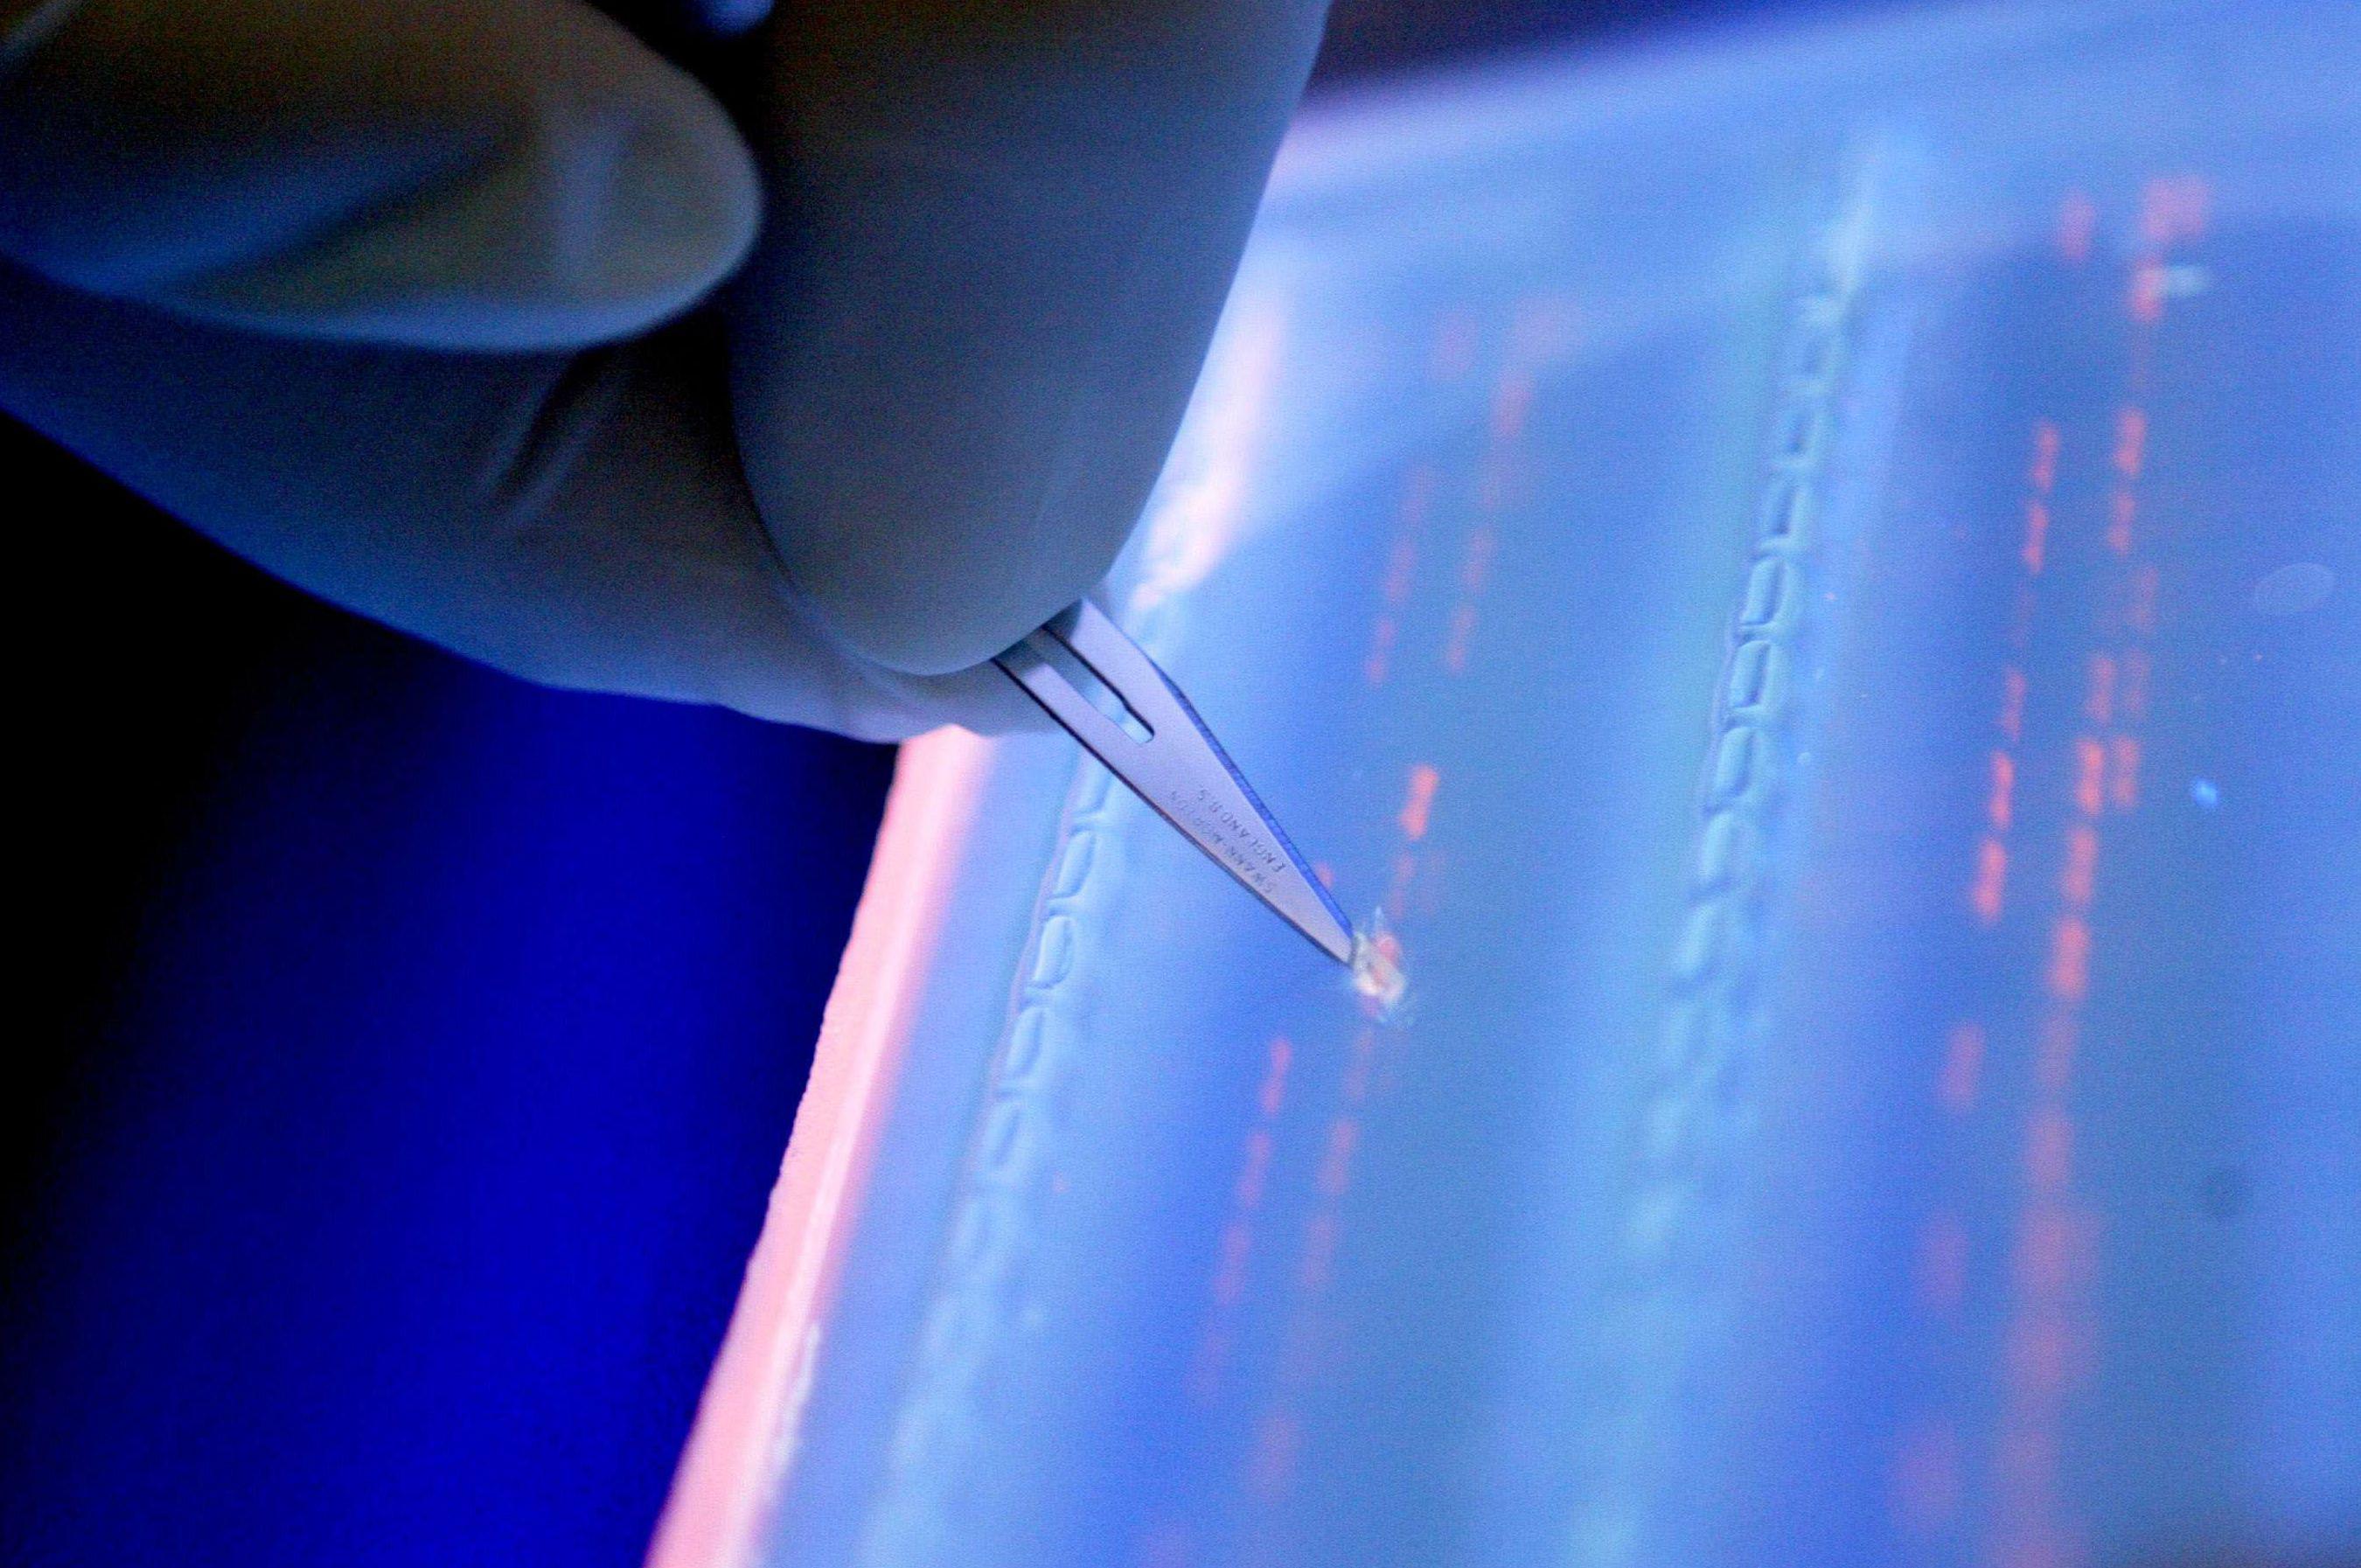 Maladie d'Alzheimer : 11 nouveaux gènes identifiés